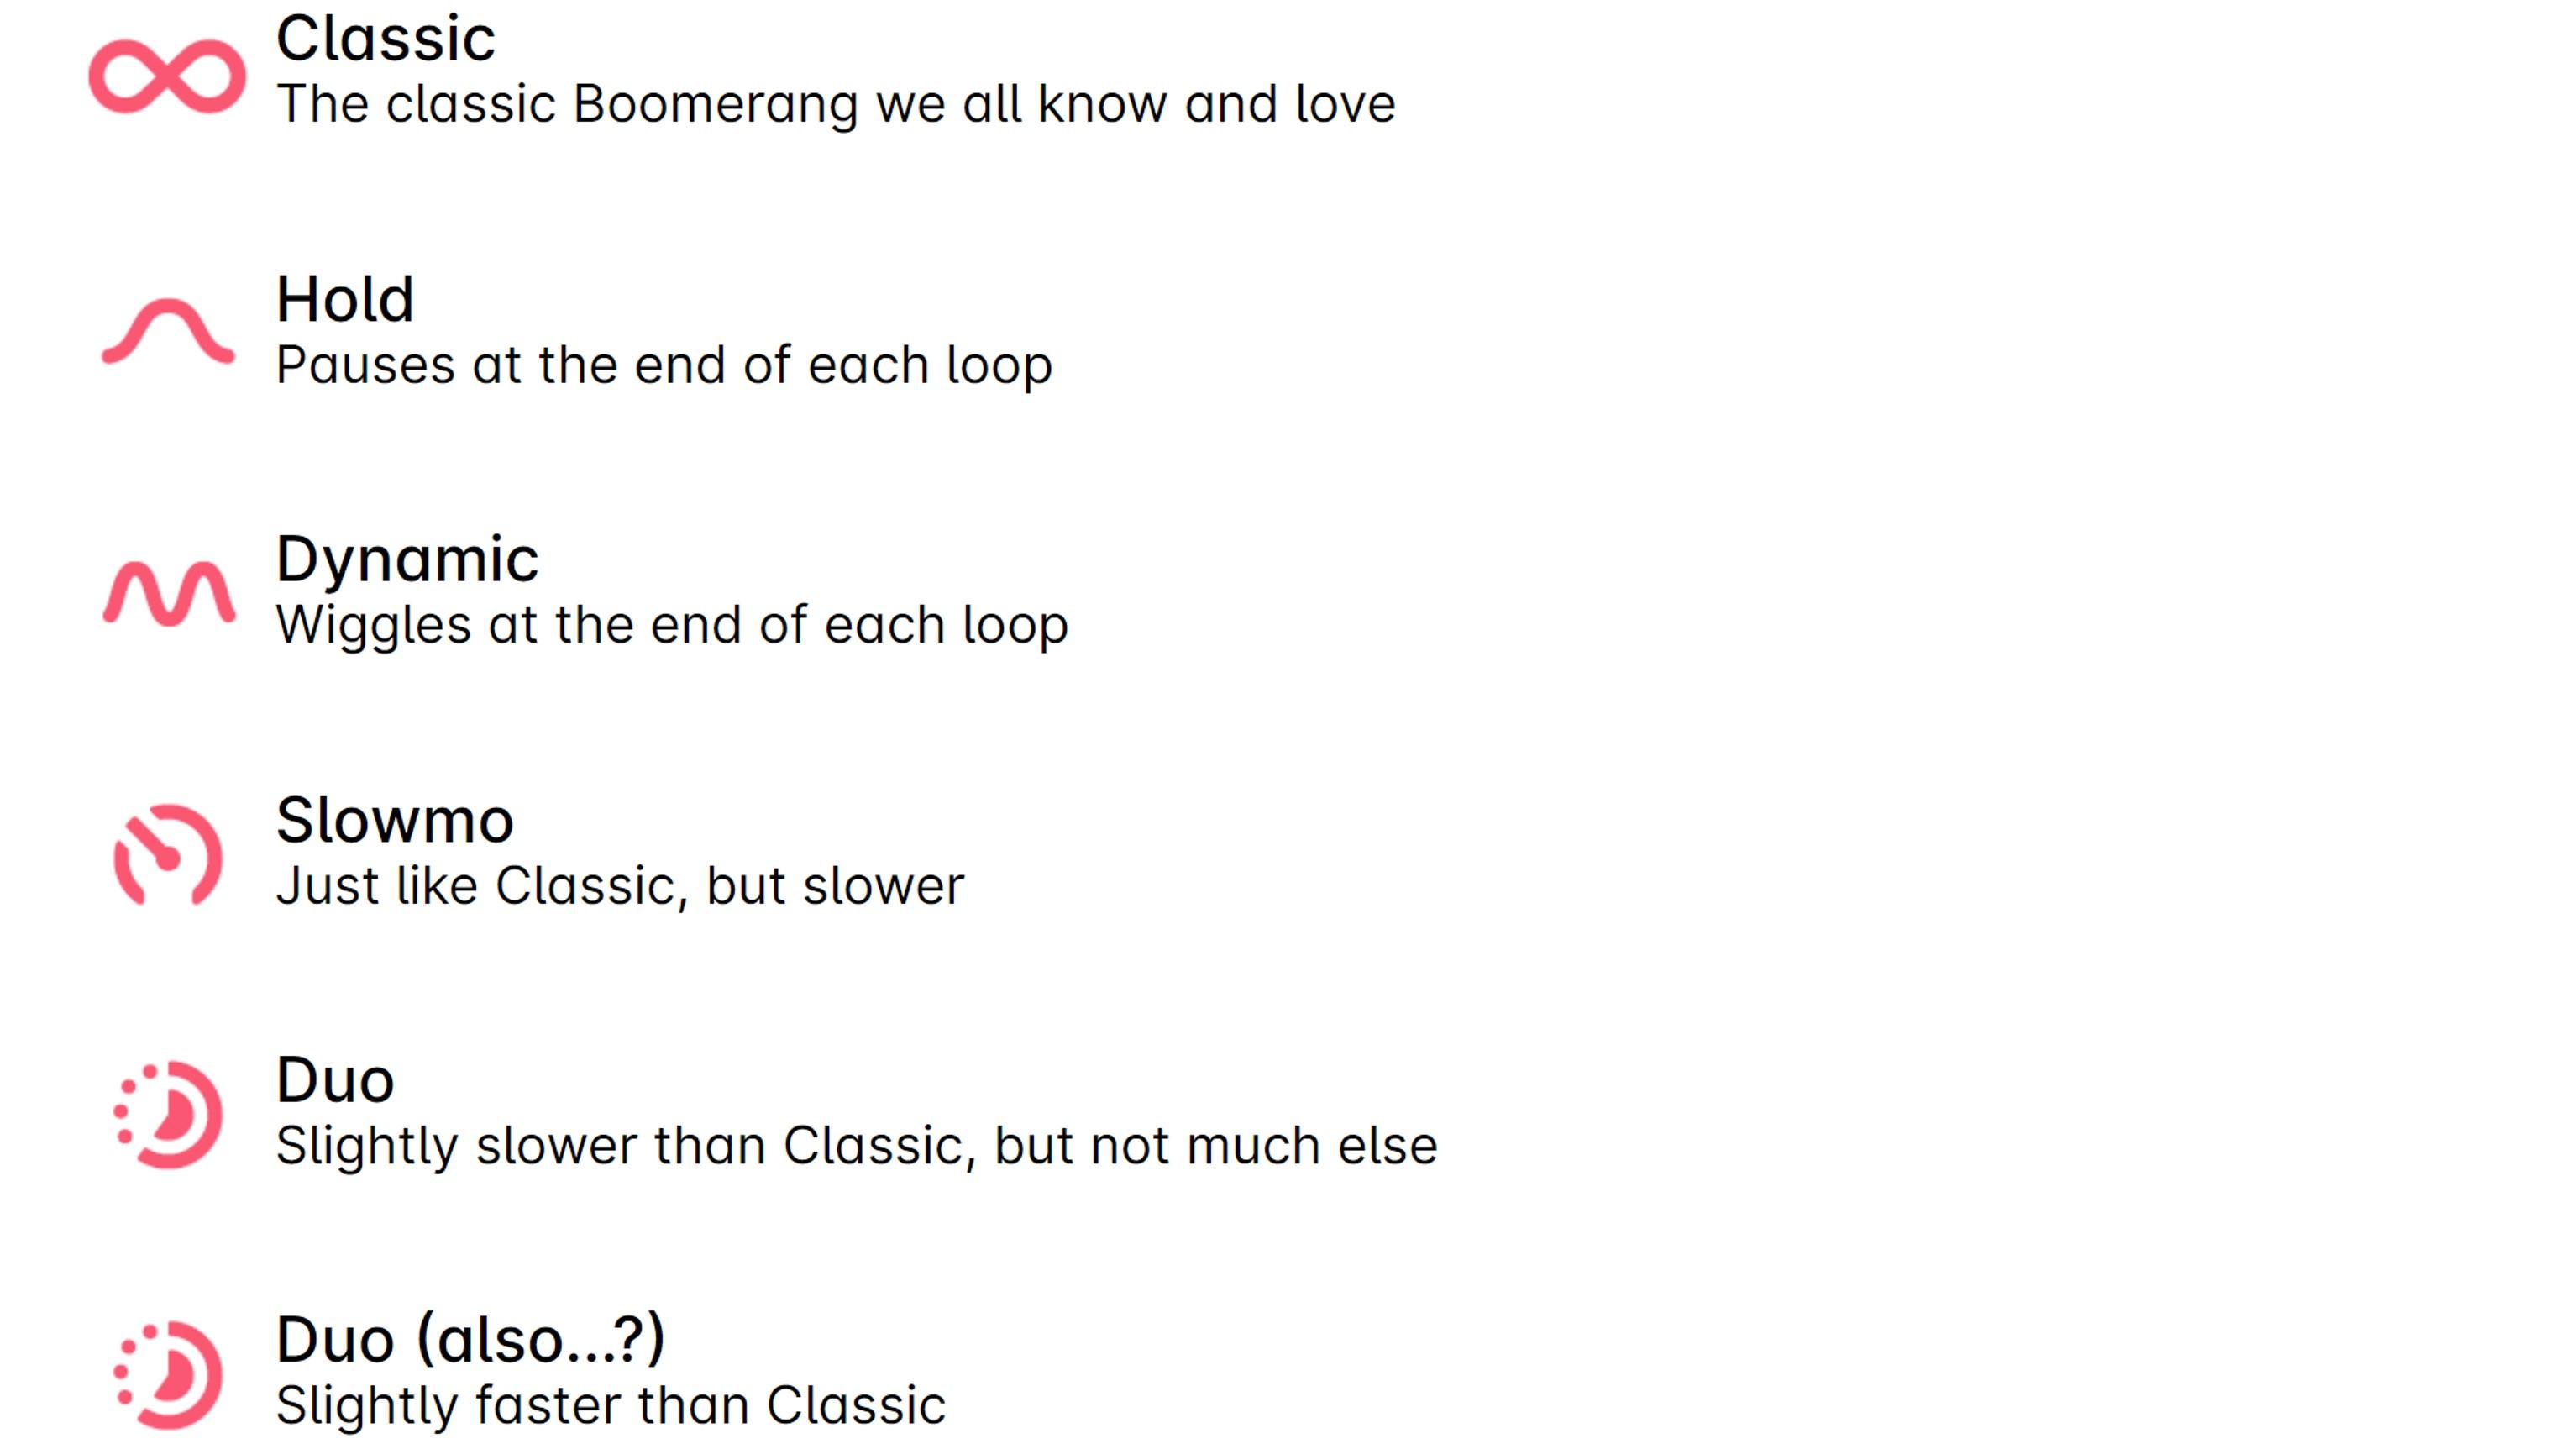 インスタで新しく搭載されるモード「Boomerangモード」とは